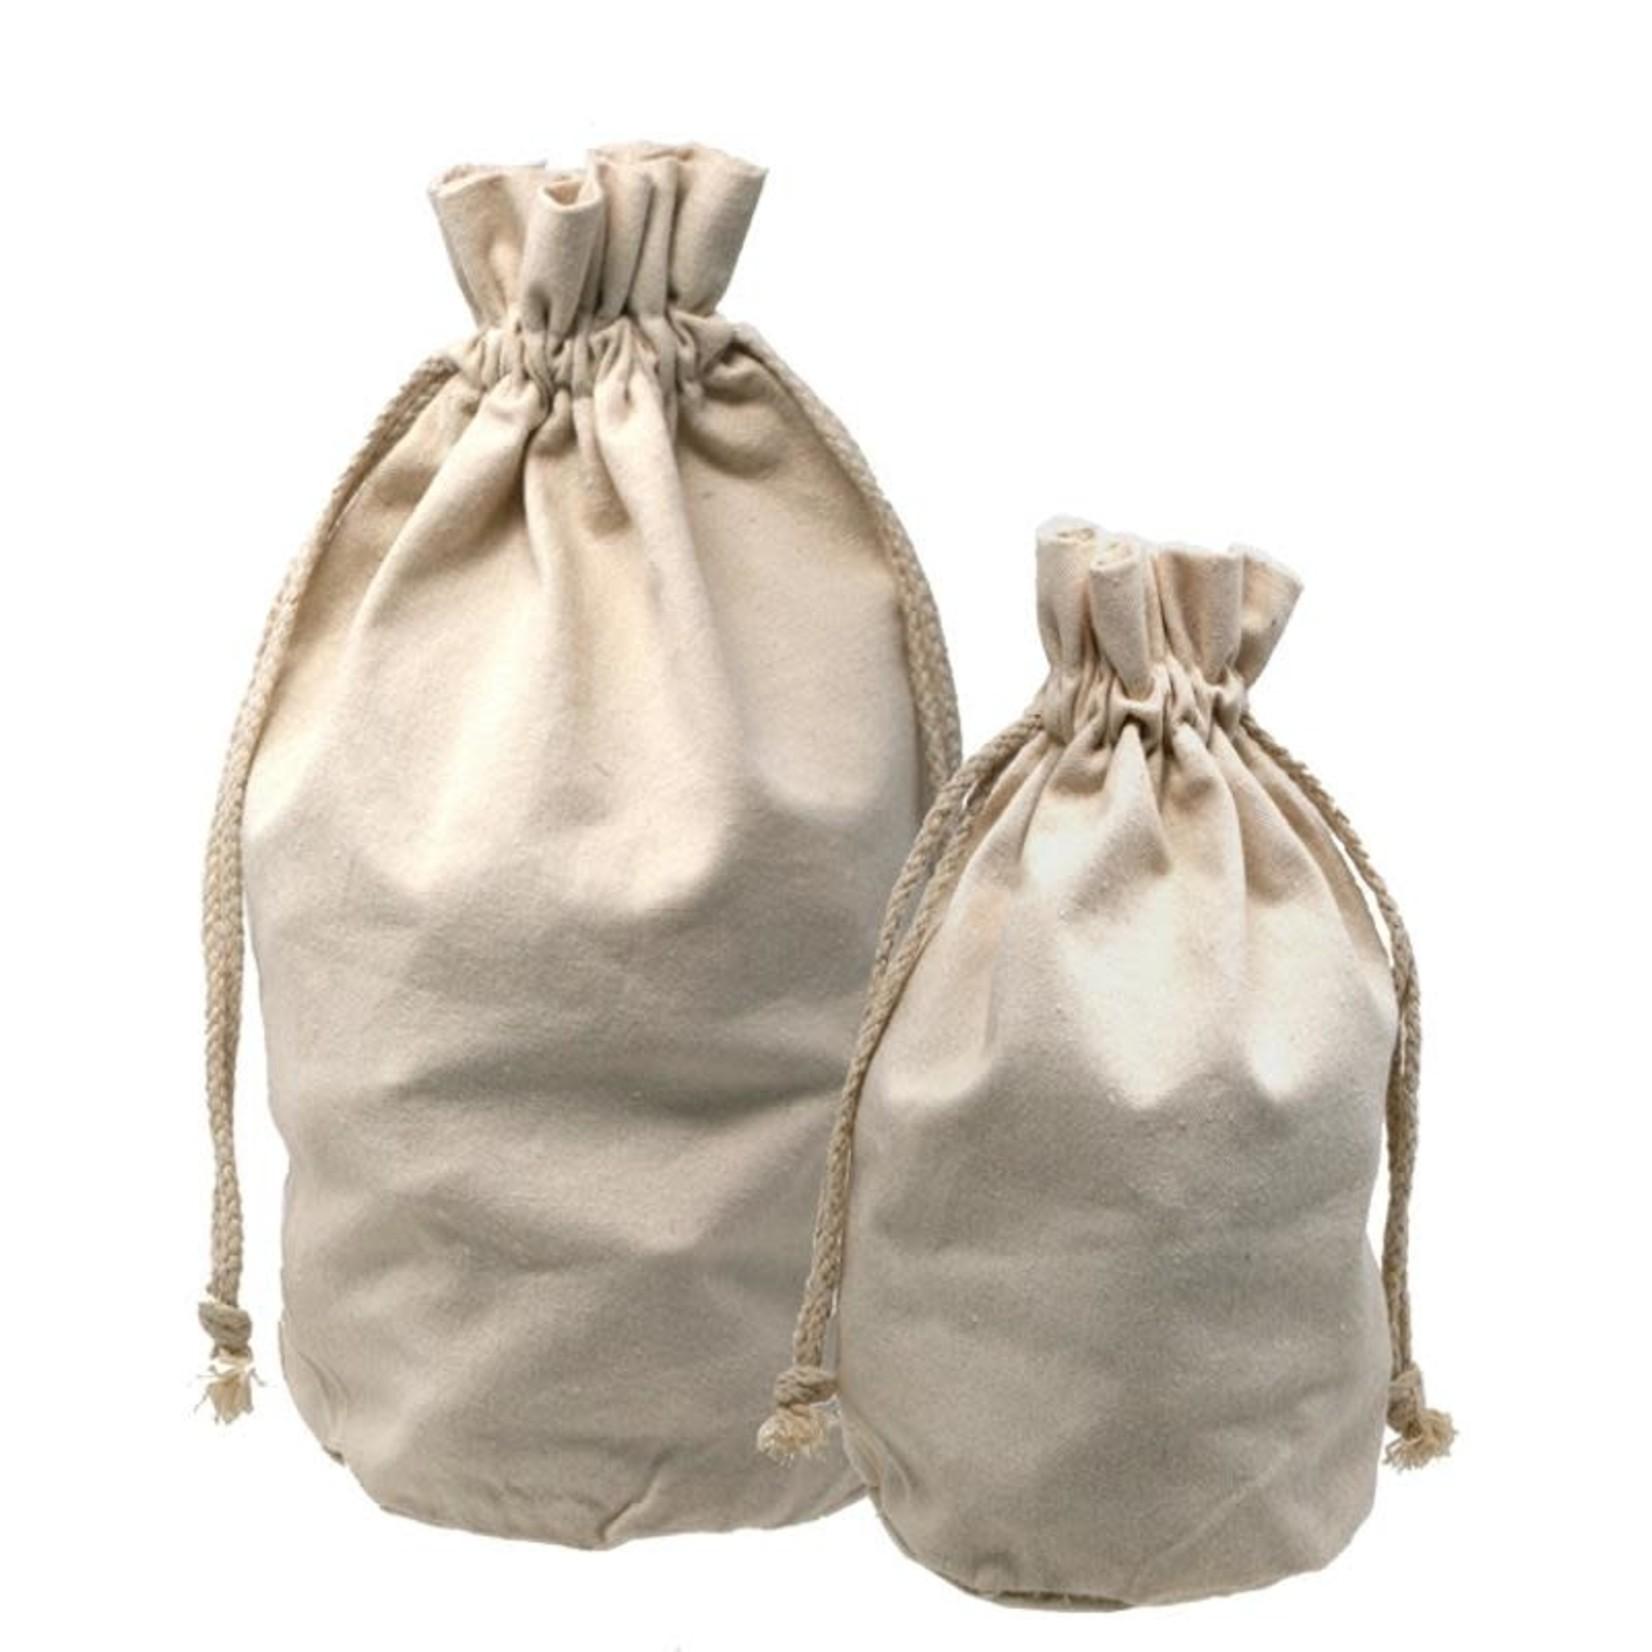 Danesco Tools & Gadgets Cotton Bulk Food Bags Set of 2